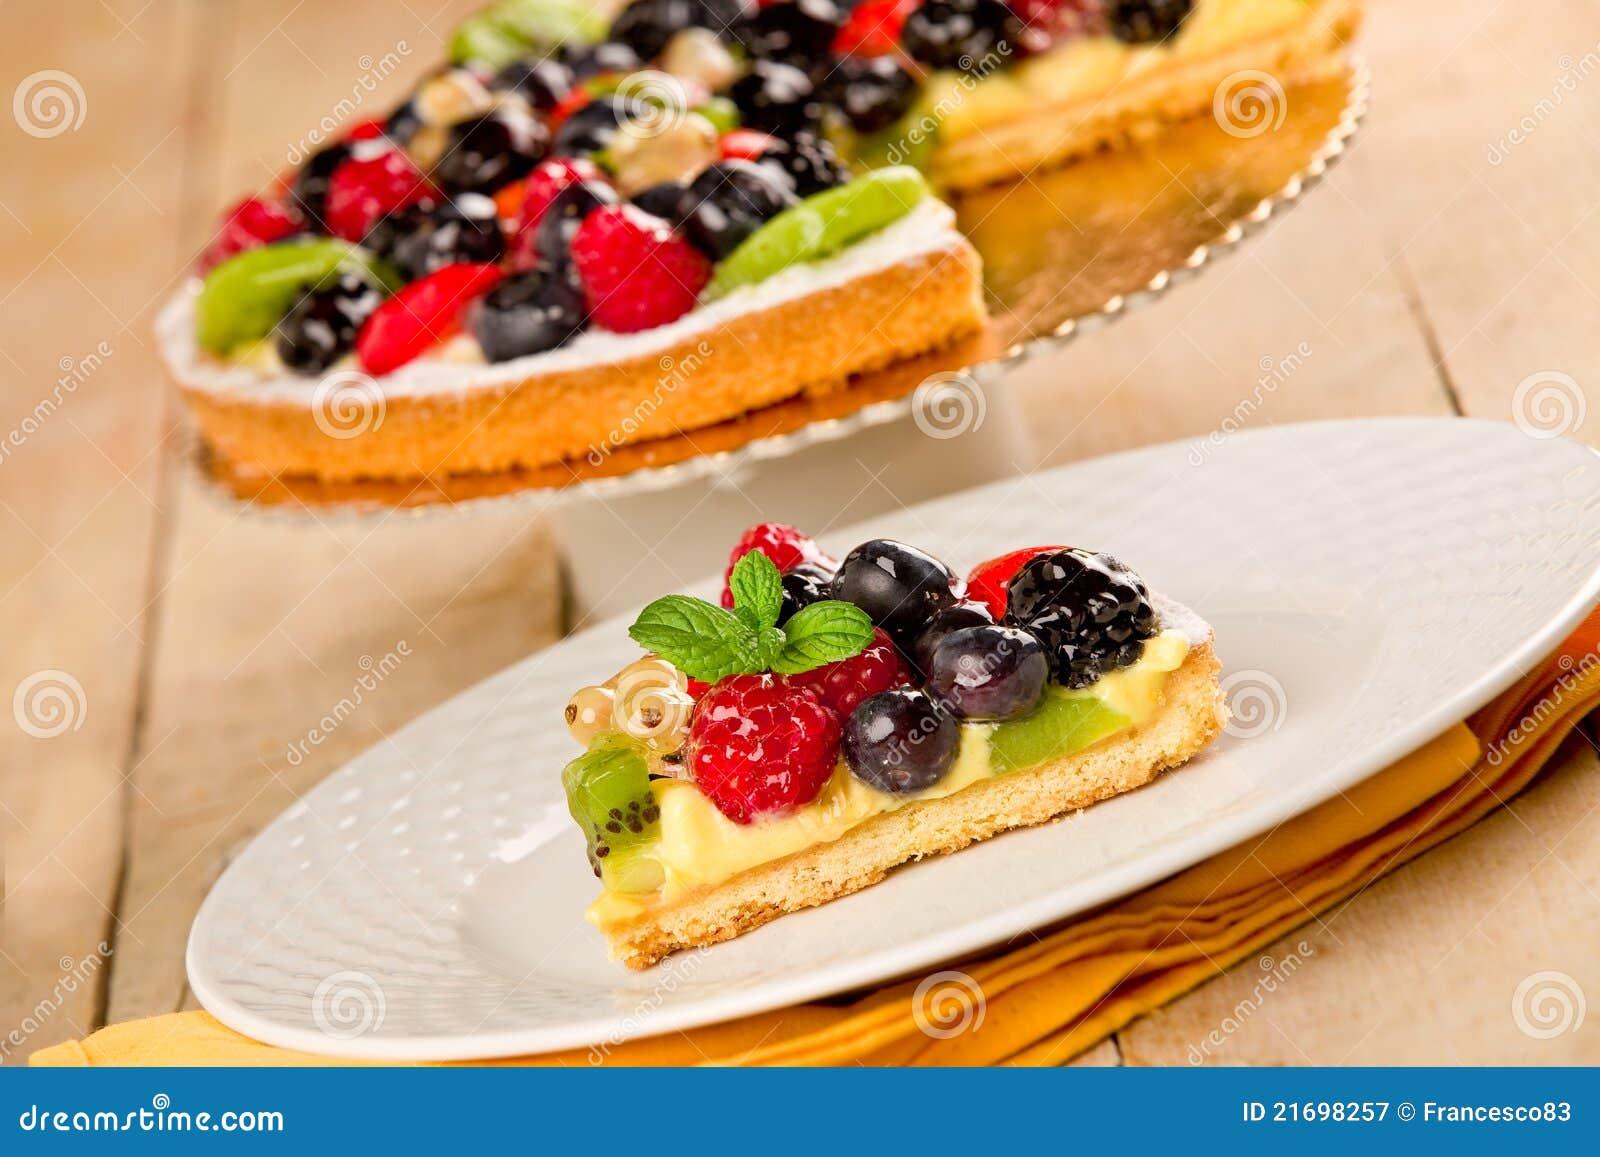 Torte mit fr chten lizenzfreie stockfotografie bild for Architektur torte